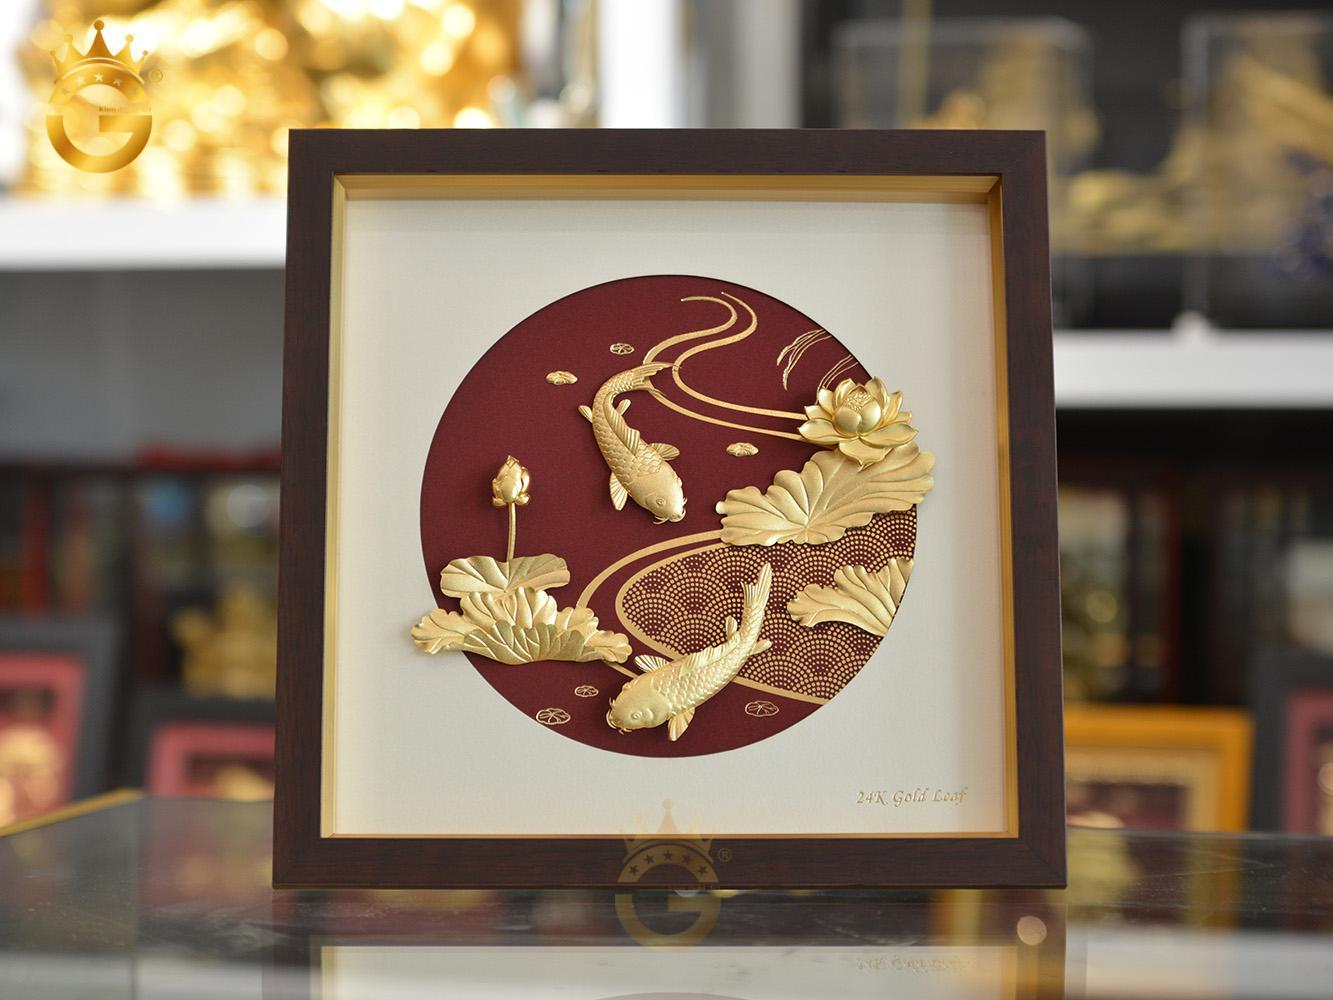 Quà tặng sếp nữ- tranh cá chép hoa sen dát vàng 24k